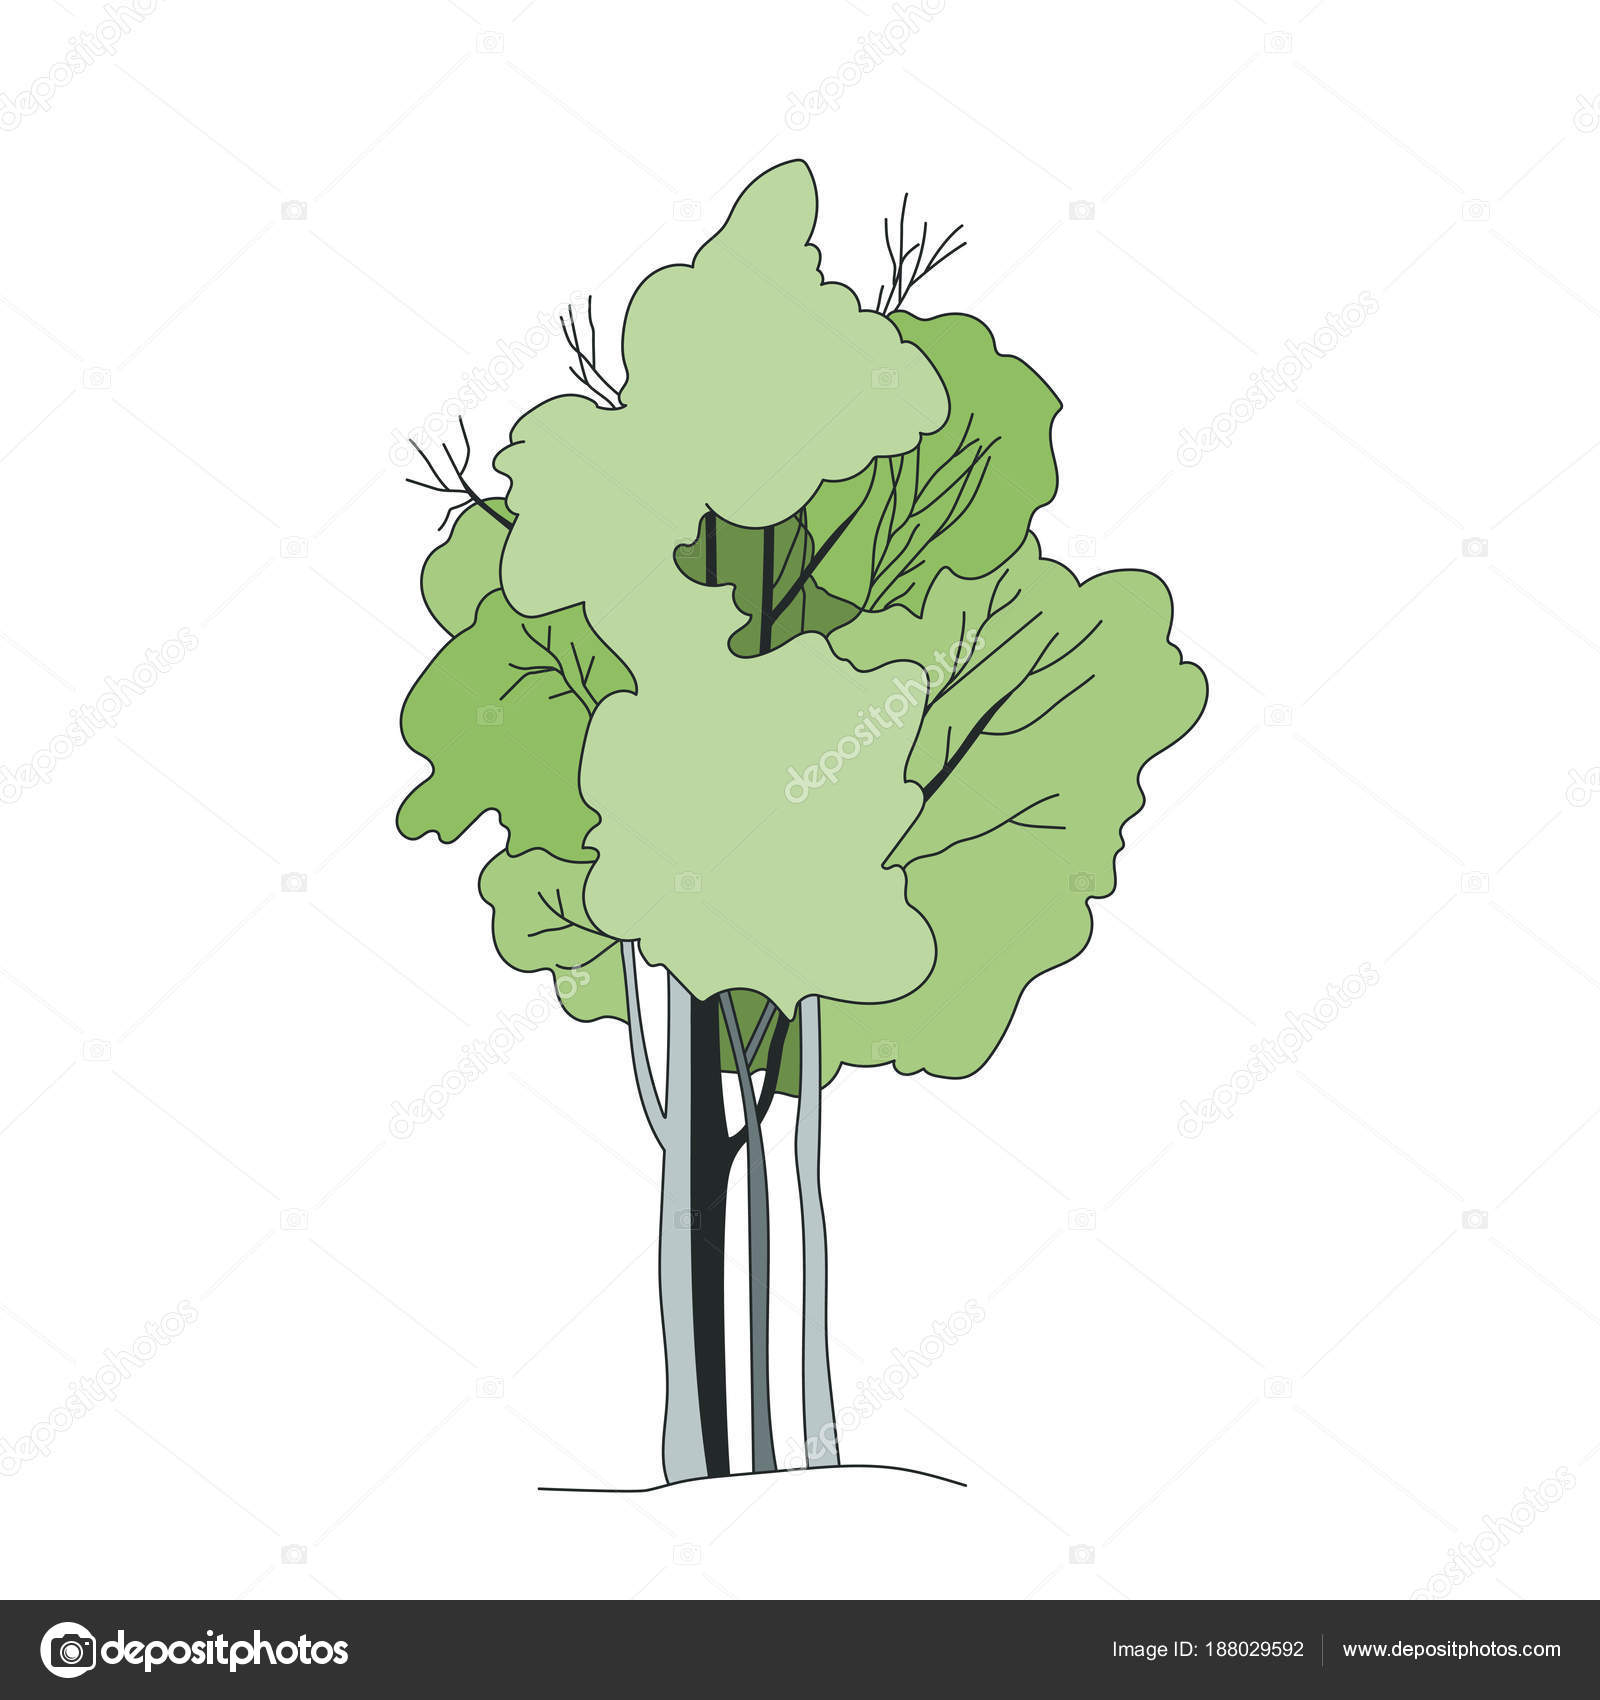 Baum Skizze Architekt Handzeichnung Landschaft Element Stockvektor